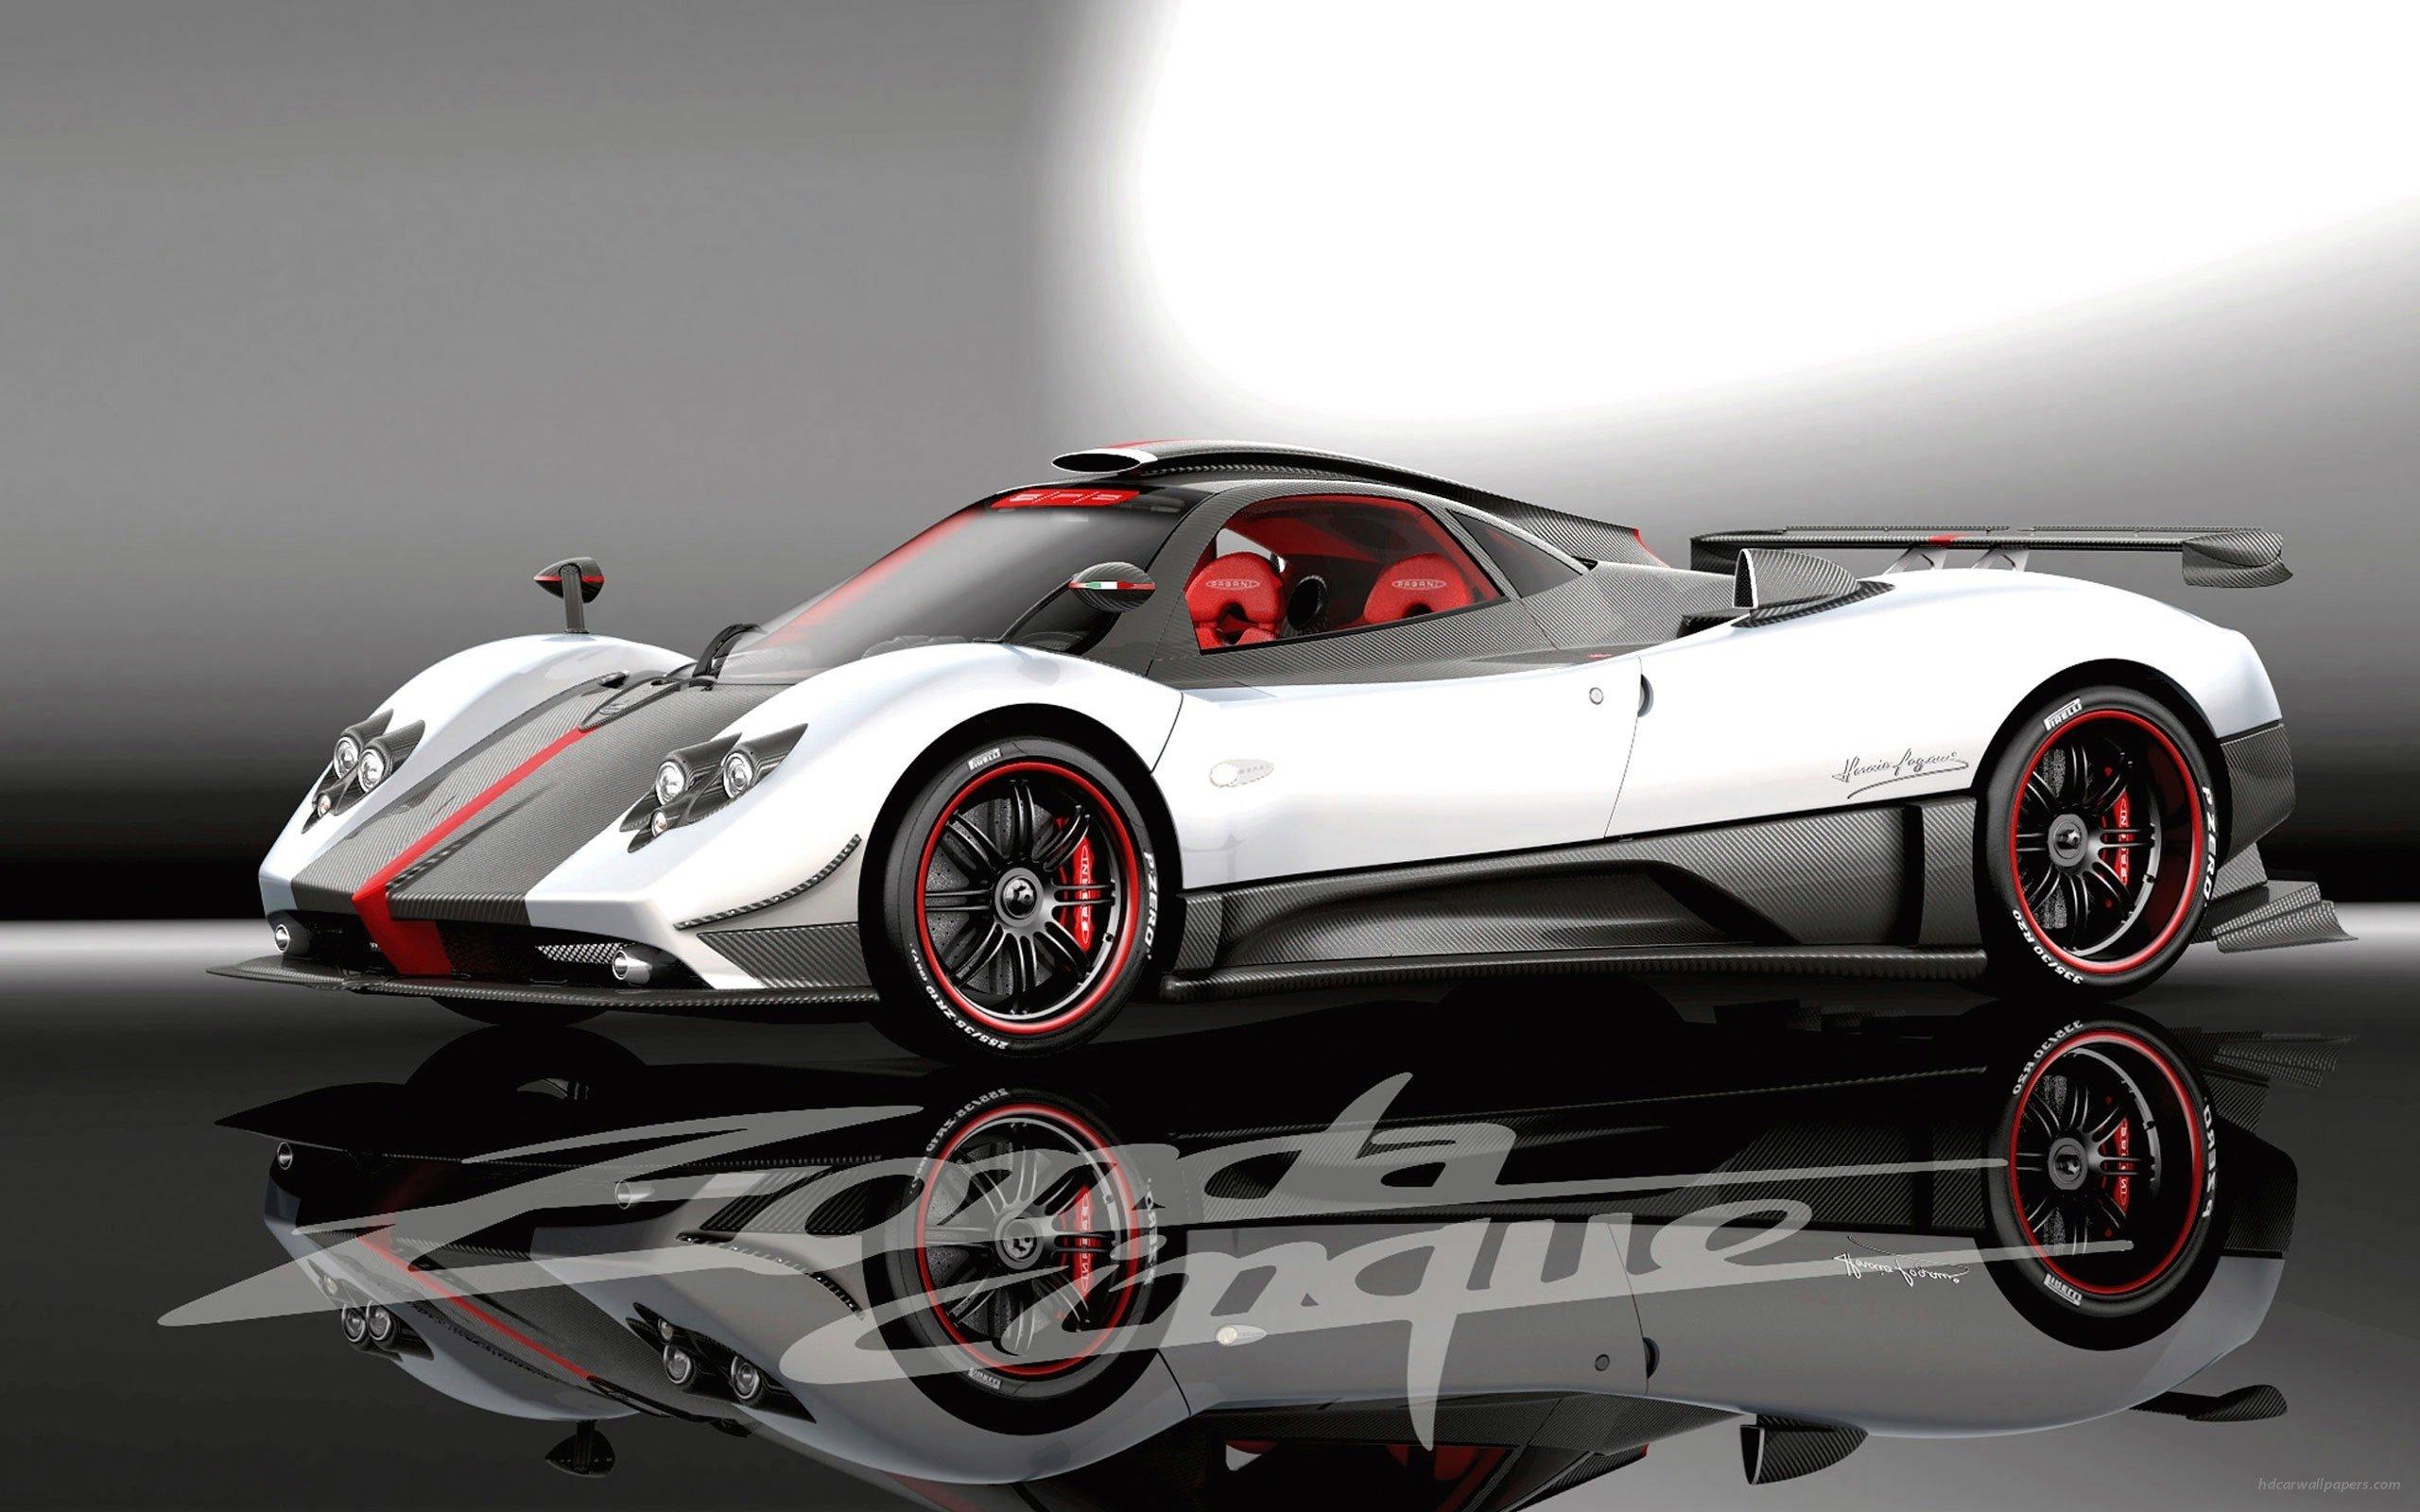 pagani zonda cinque super fast car in 2560x1600 resolution - Super Fast Cars